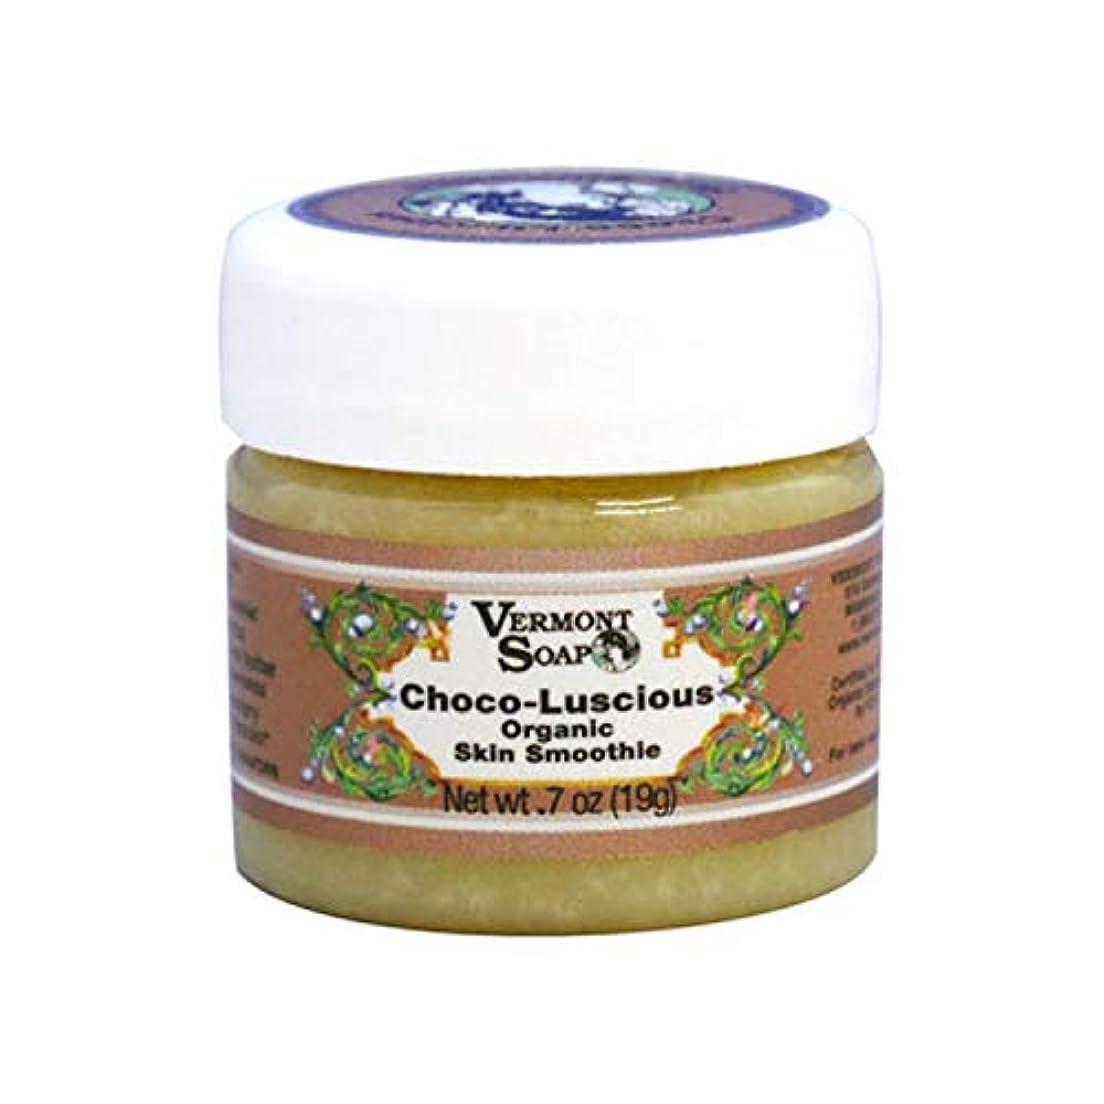 種をまく橋栄光バーモントソープ スキンスムージ (チョコ) オーガニック 保湿クリーム 乾燥肌用 19g